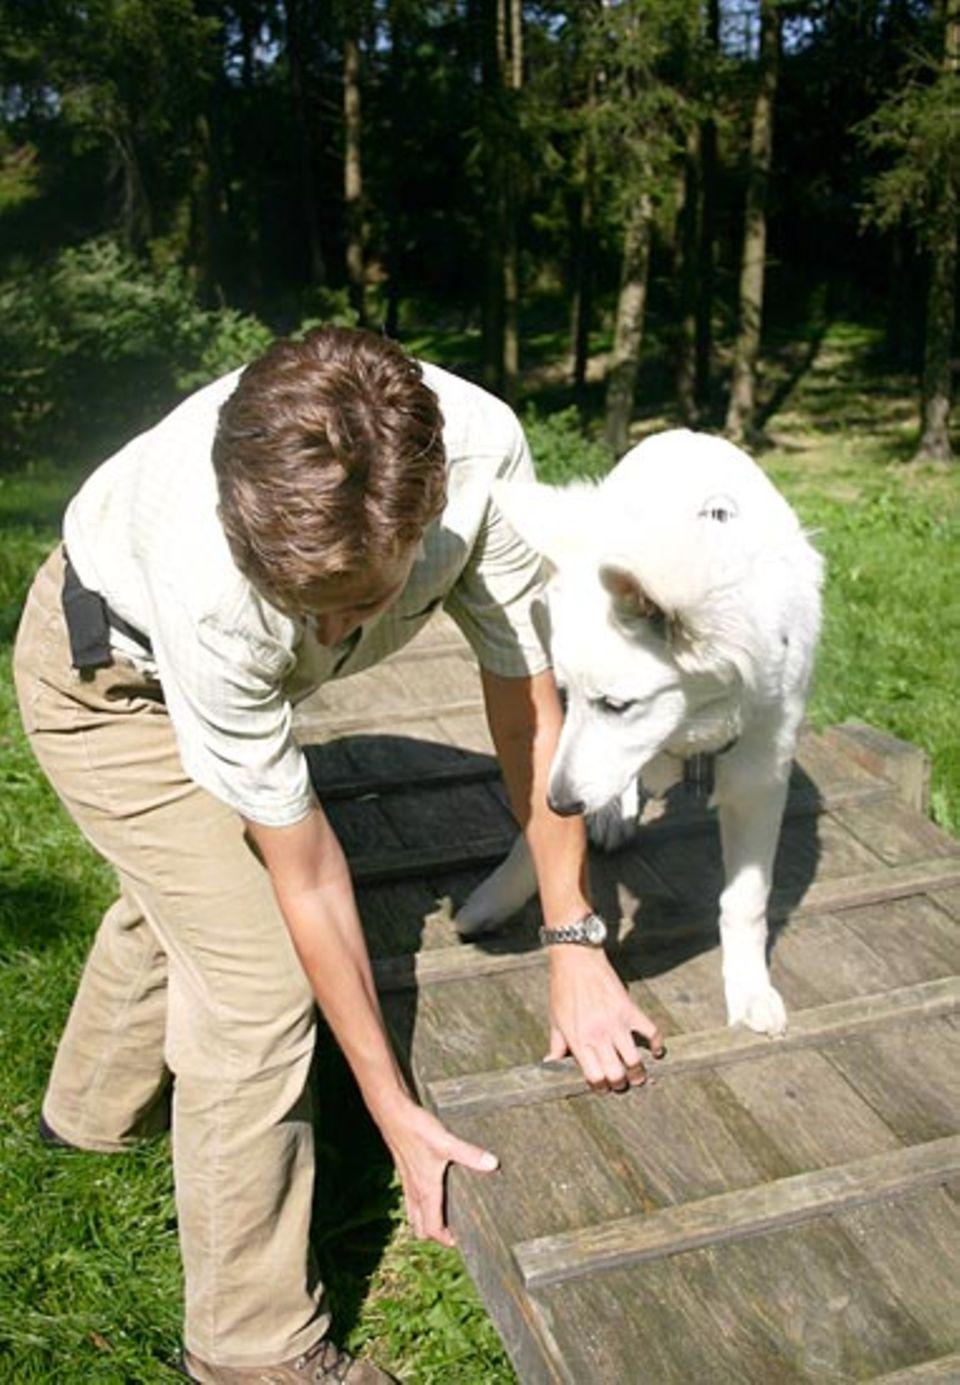 Beruf: Spielerisch geht Ulrike mit den Hunden um